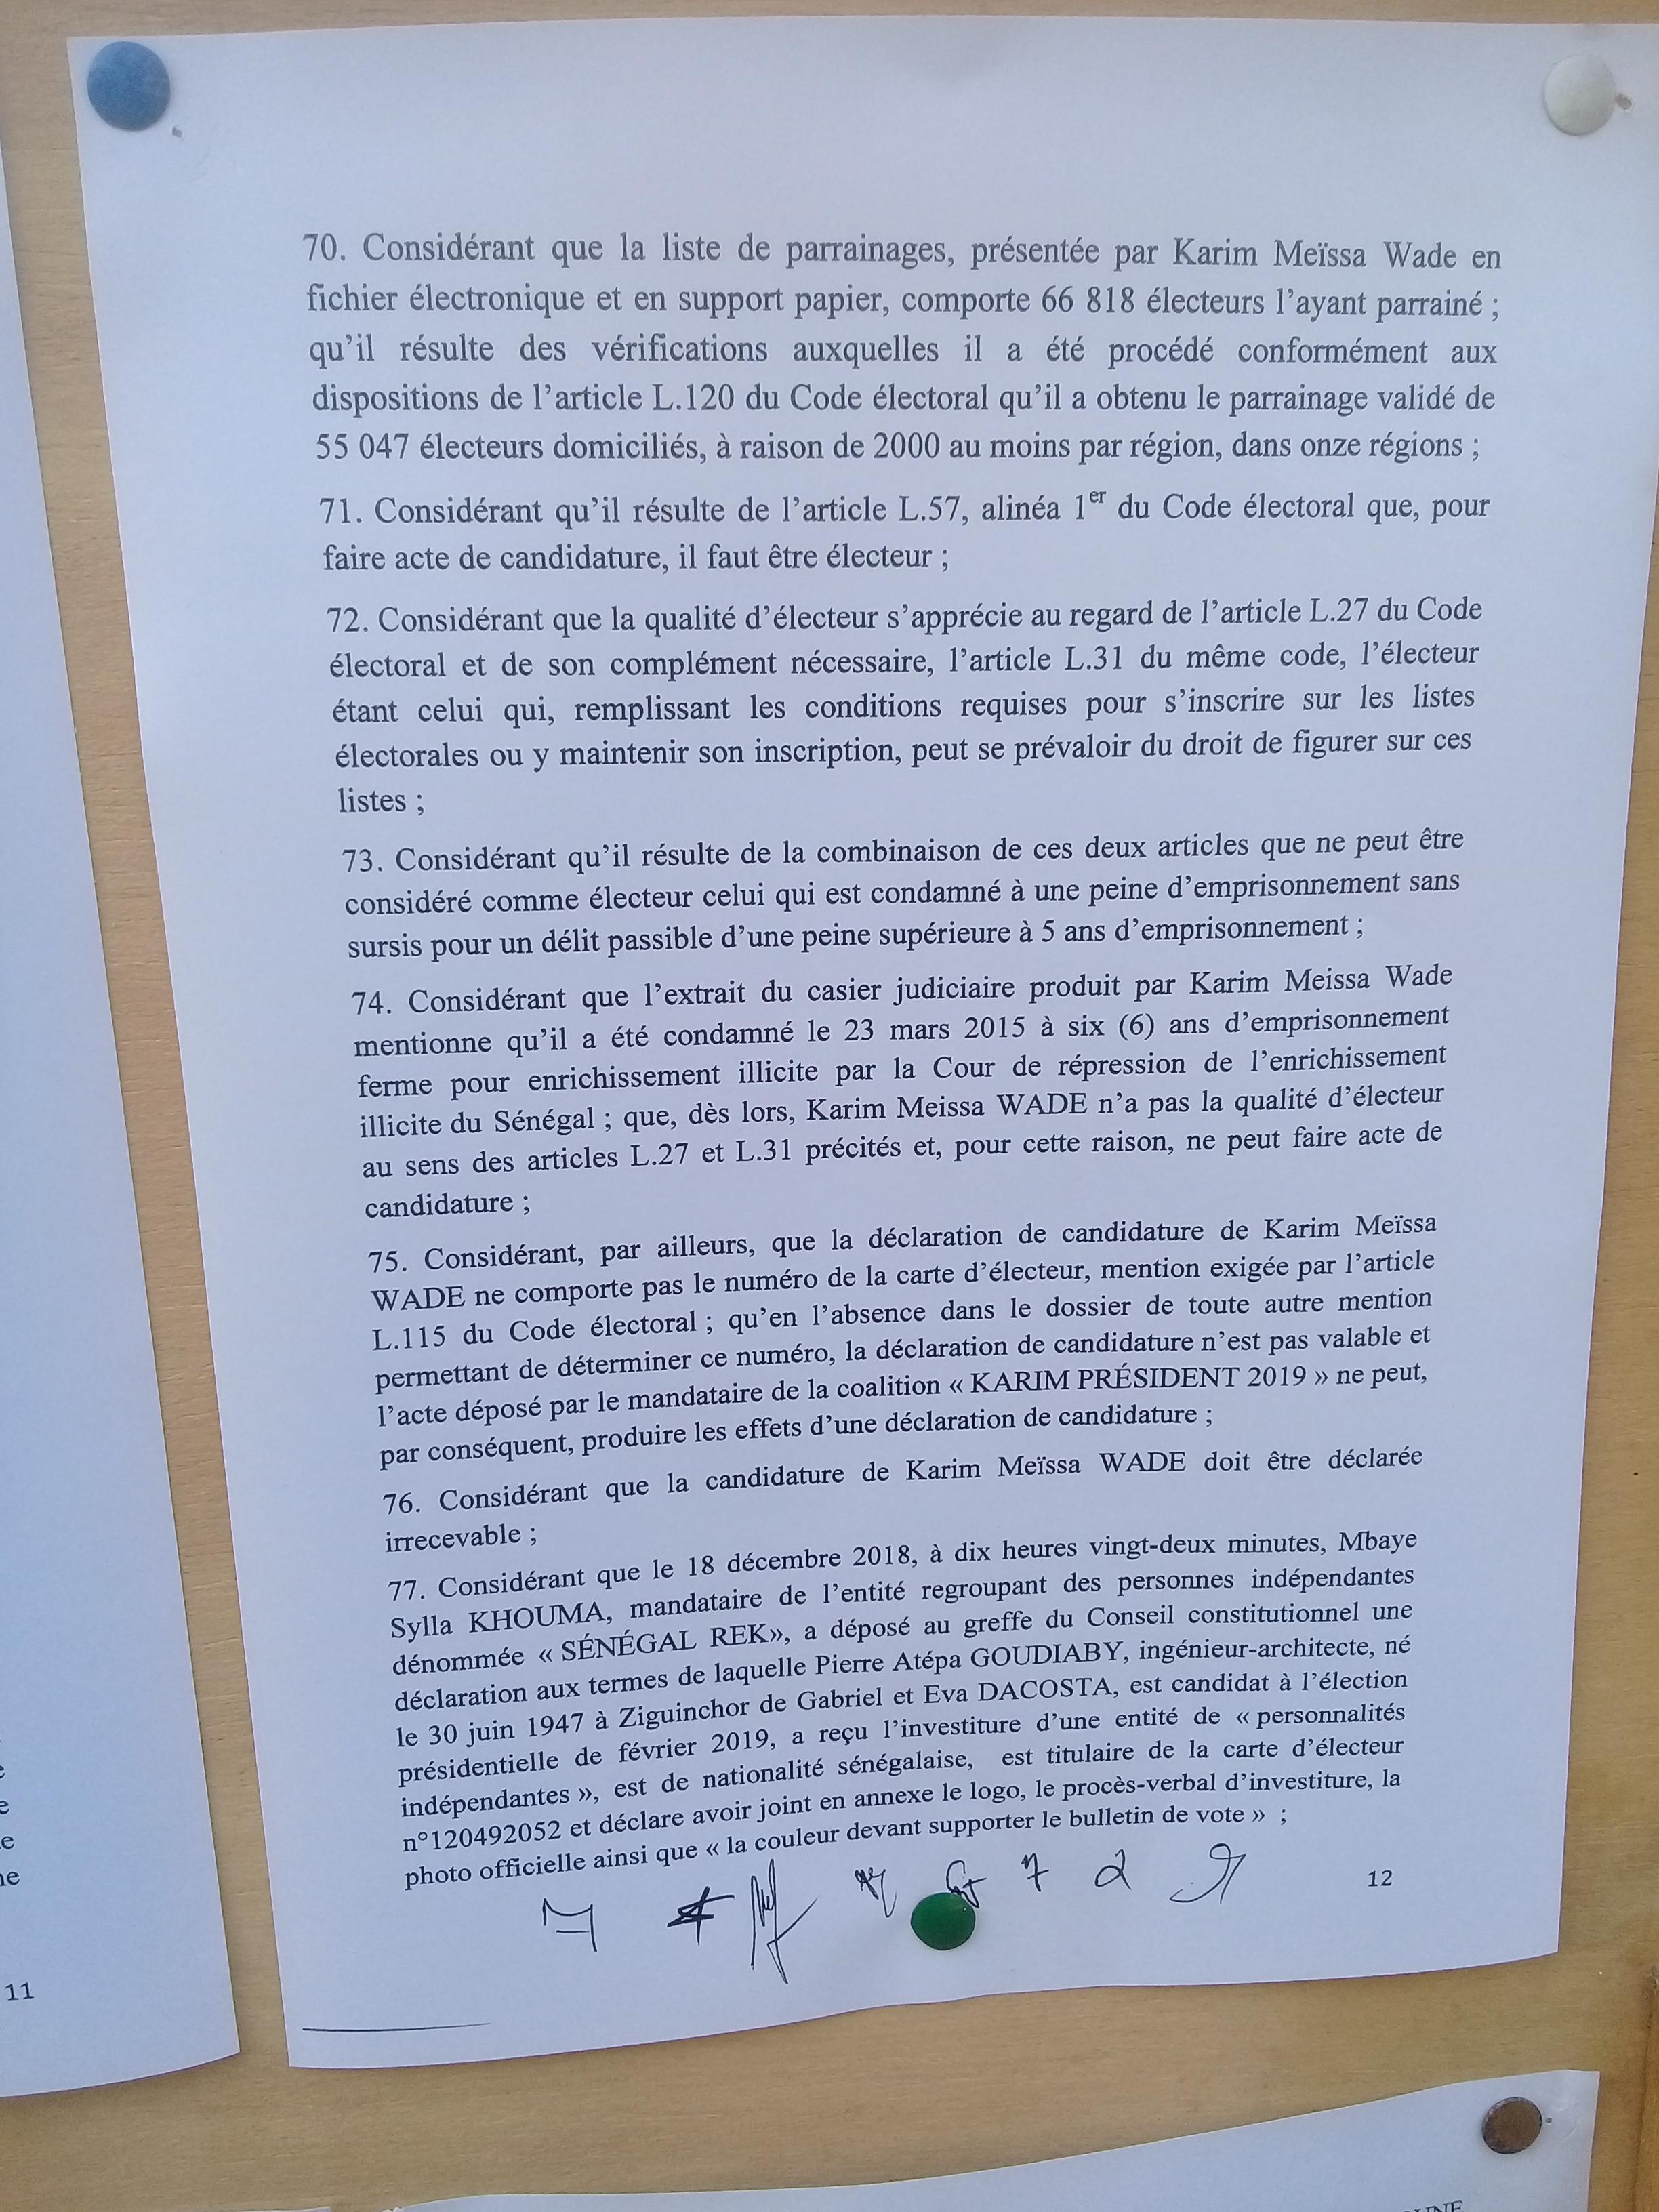 Rejet des candidatures de Khalifa Sall et de Karim Wade: Les motifs avancés par le Conseil Constitutionnel (Documents)